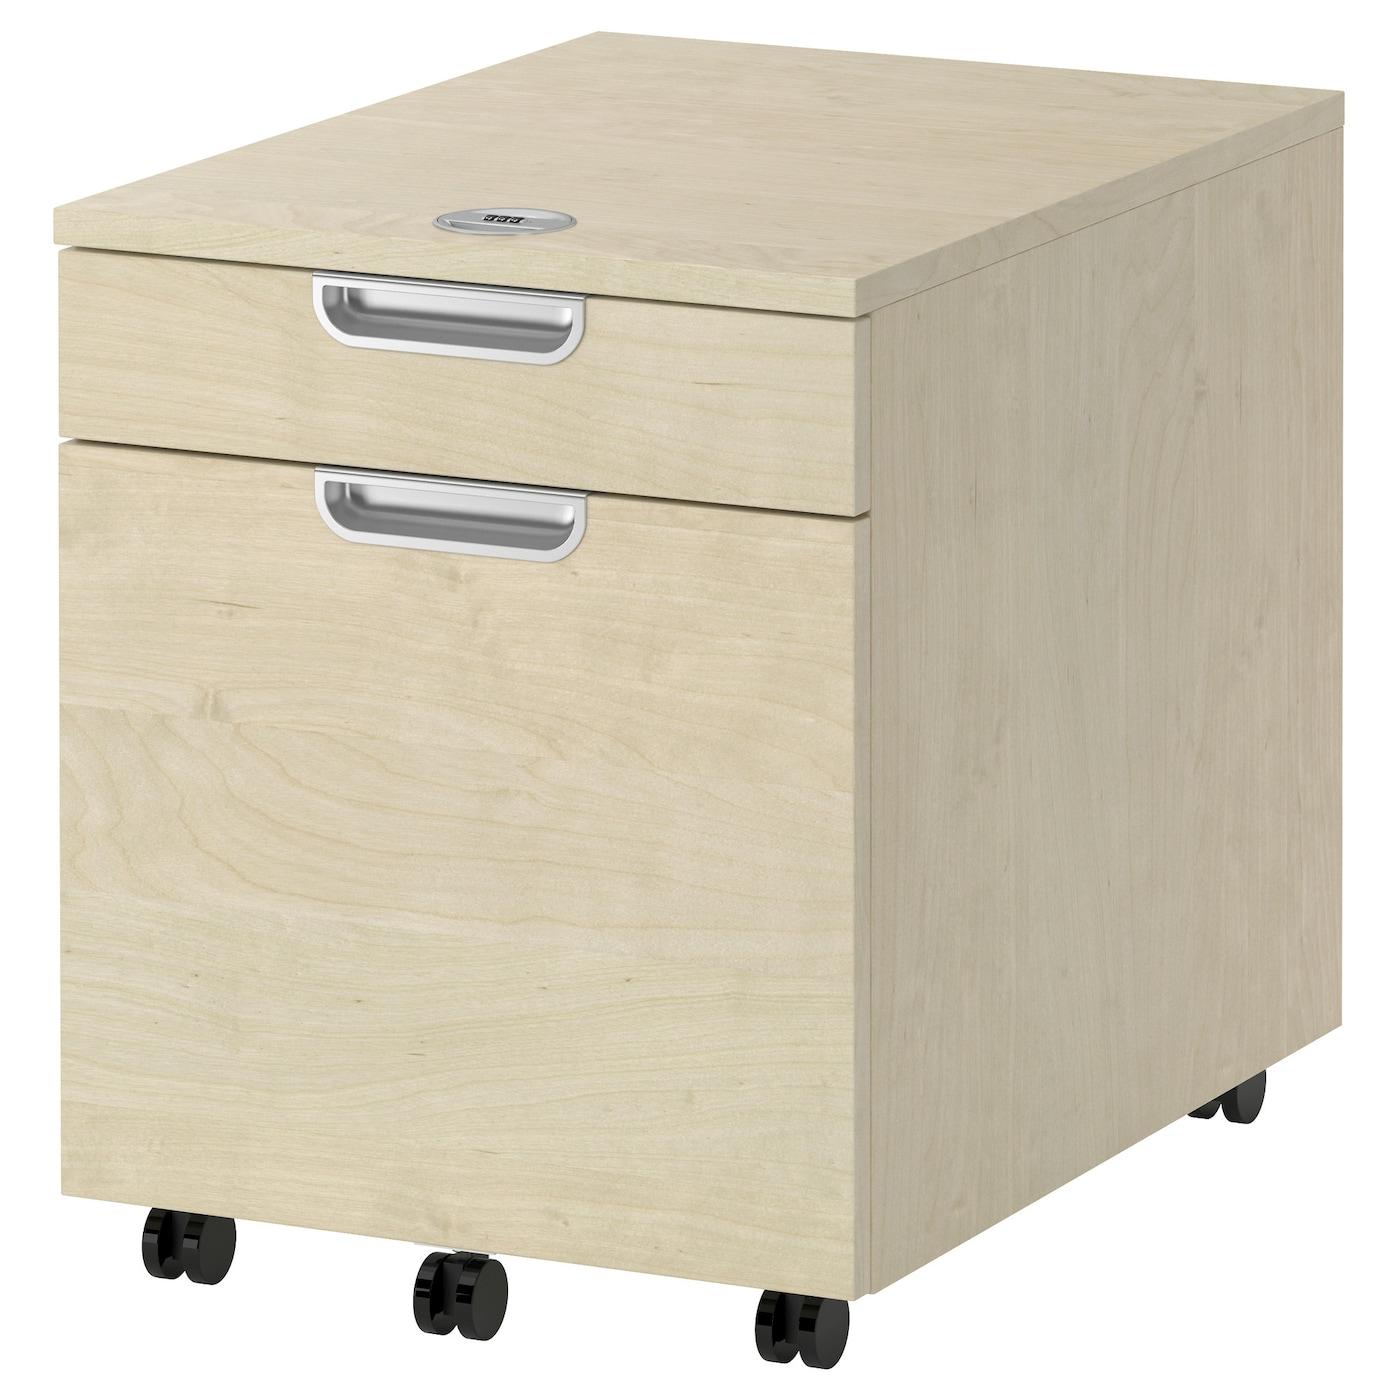 galant caisson dossiers suspendus plaqu bouleau 45 x 55 cm ikea. Black Bedroom Furniture Sets. Home Design Ideas